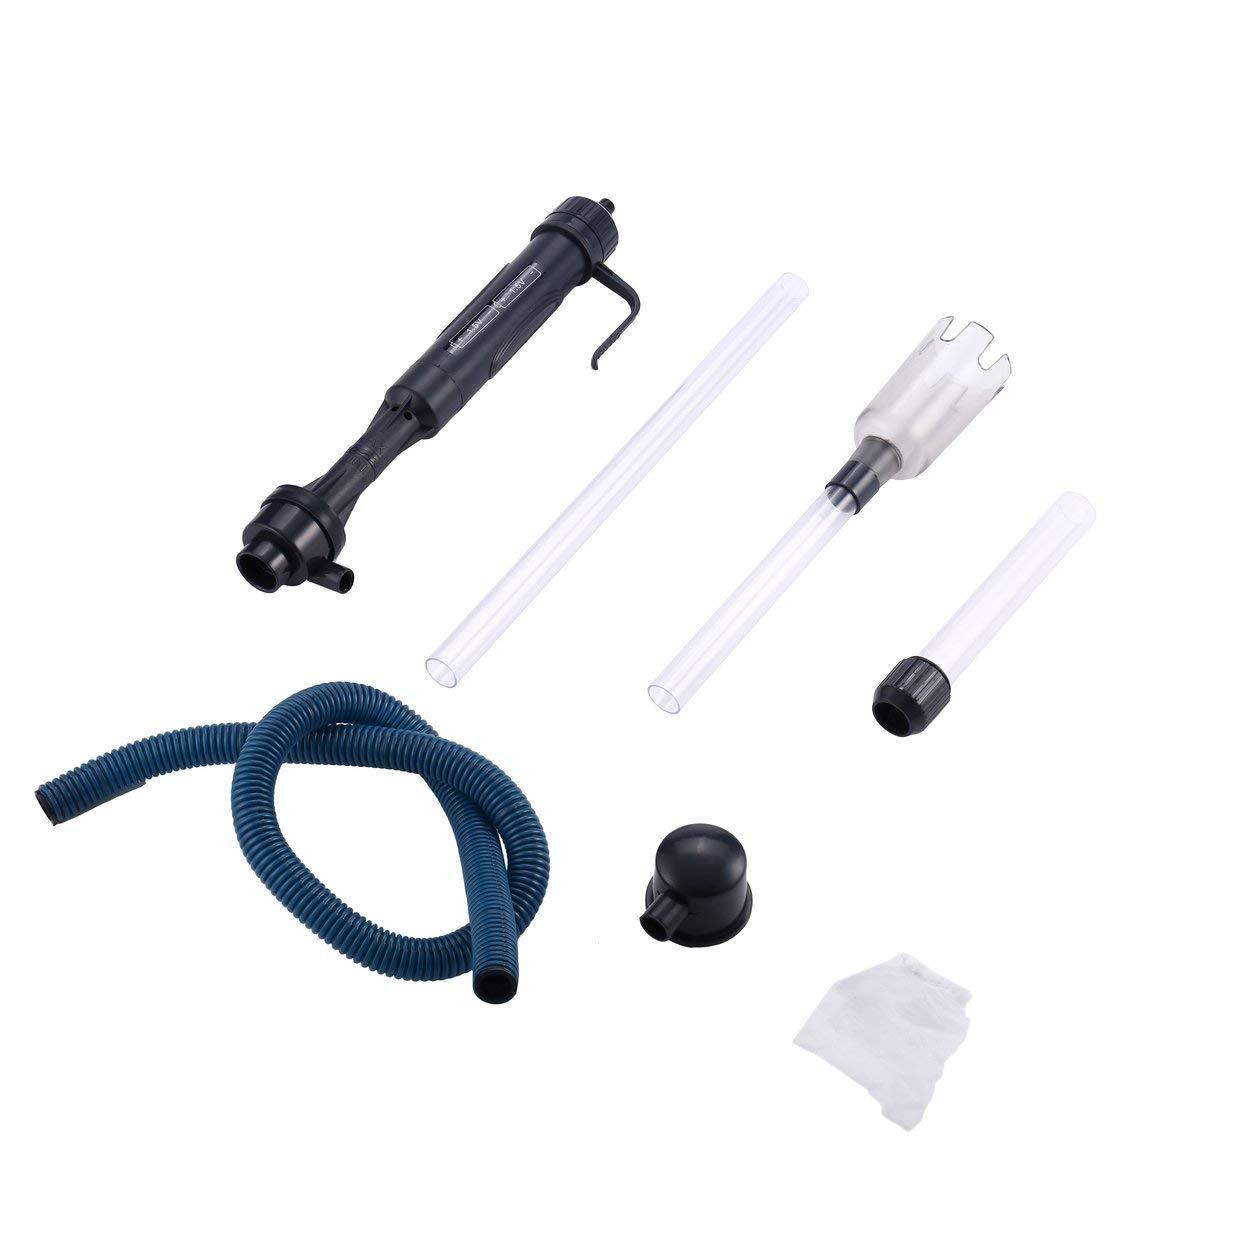 LoveOlvido - 1 Filtro de Agua para Acuario, Funciona con sifón, para depósito de Peces, para aspiradora, para Acuario